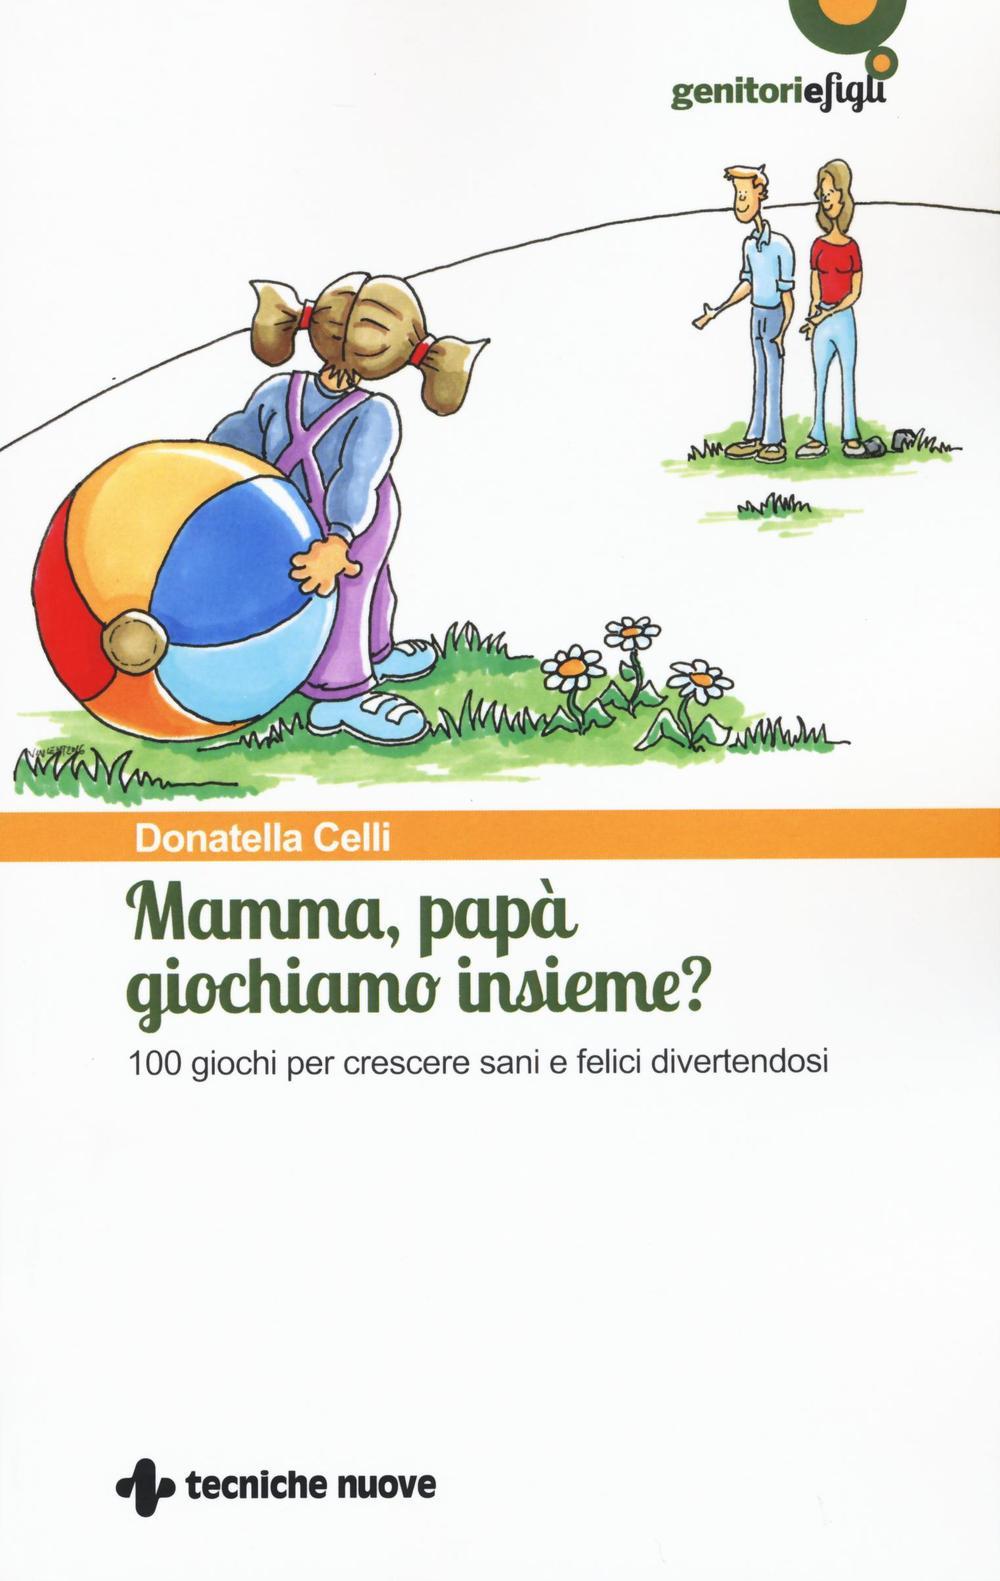 MAMMA, PAPÀ GIOCHIAMO INSIEME? 100 GIOCHI PER CRESCERE SANI E FELICI DIVERTENDOSI - 9788848133180